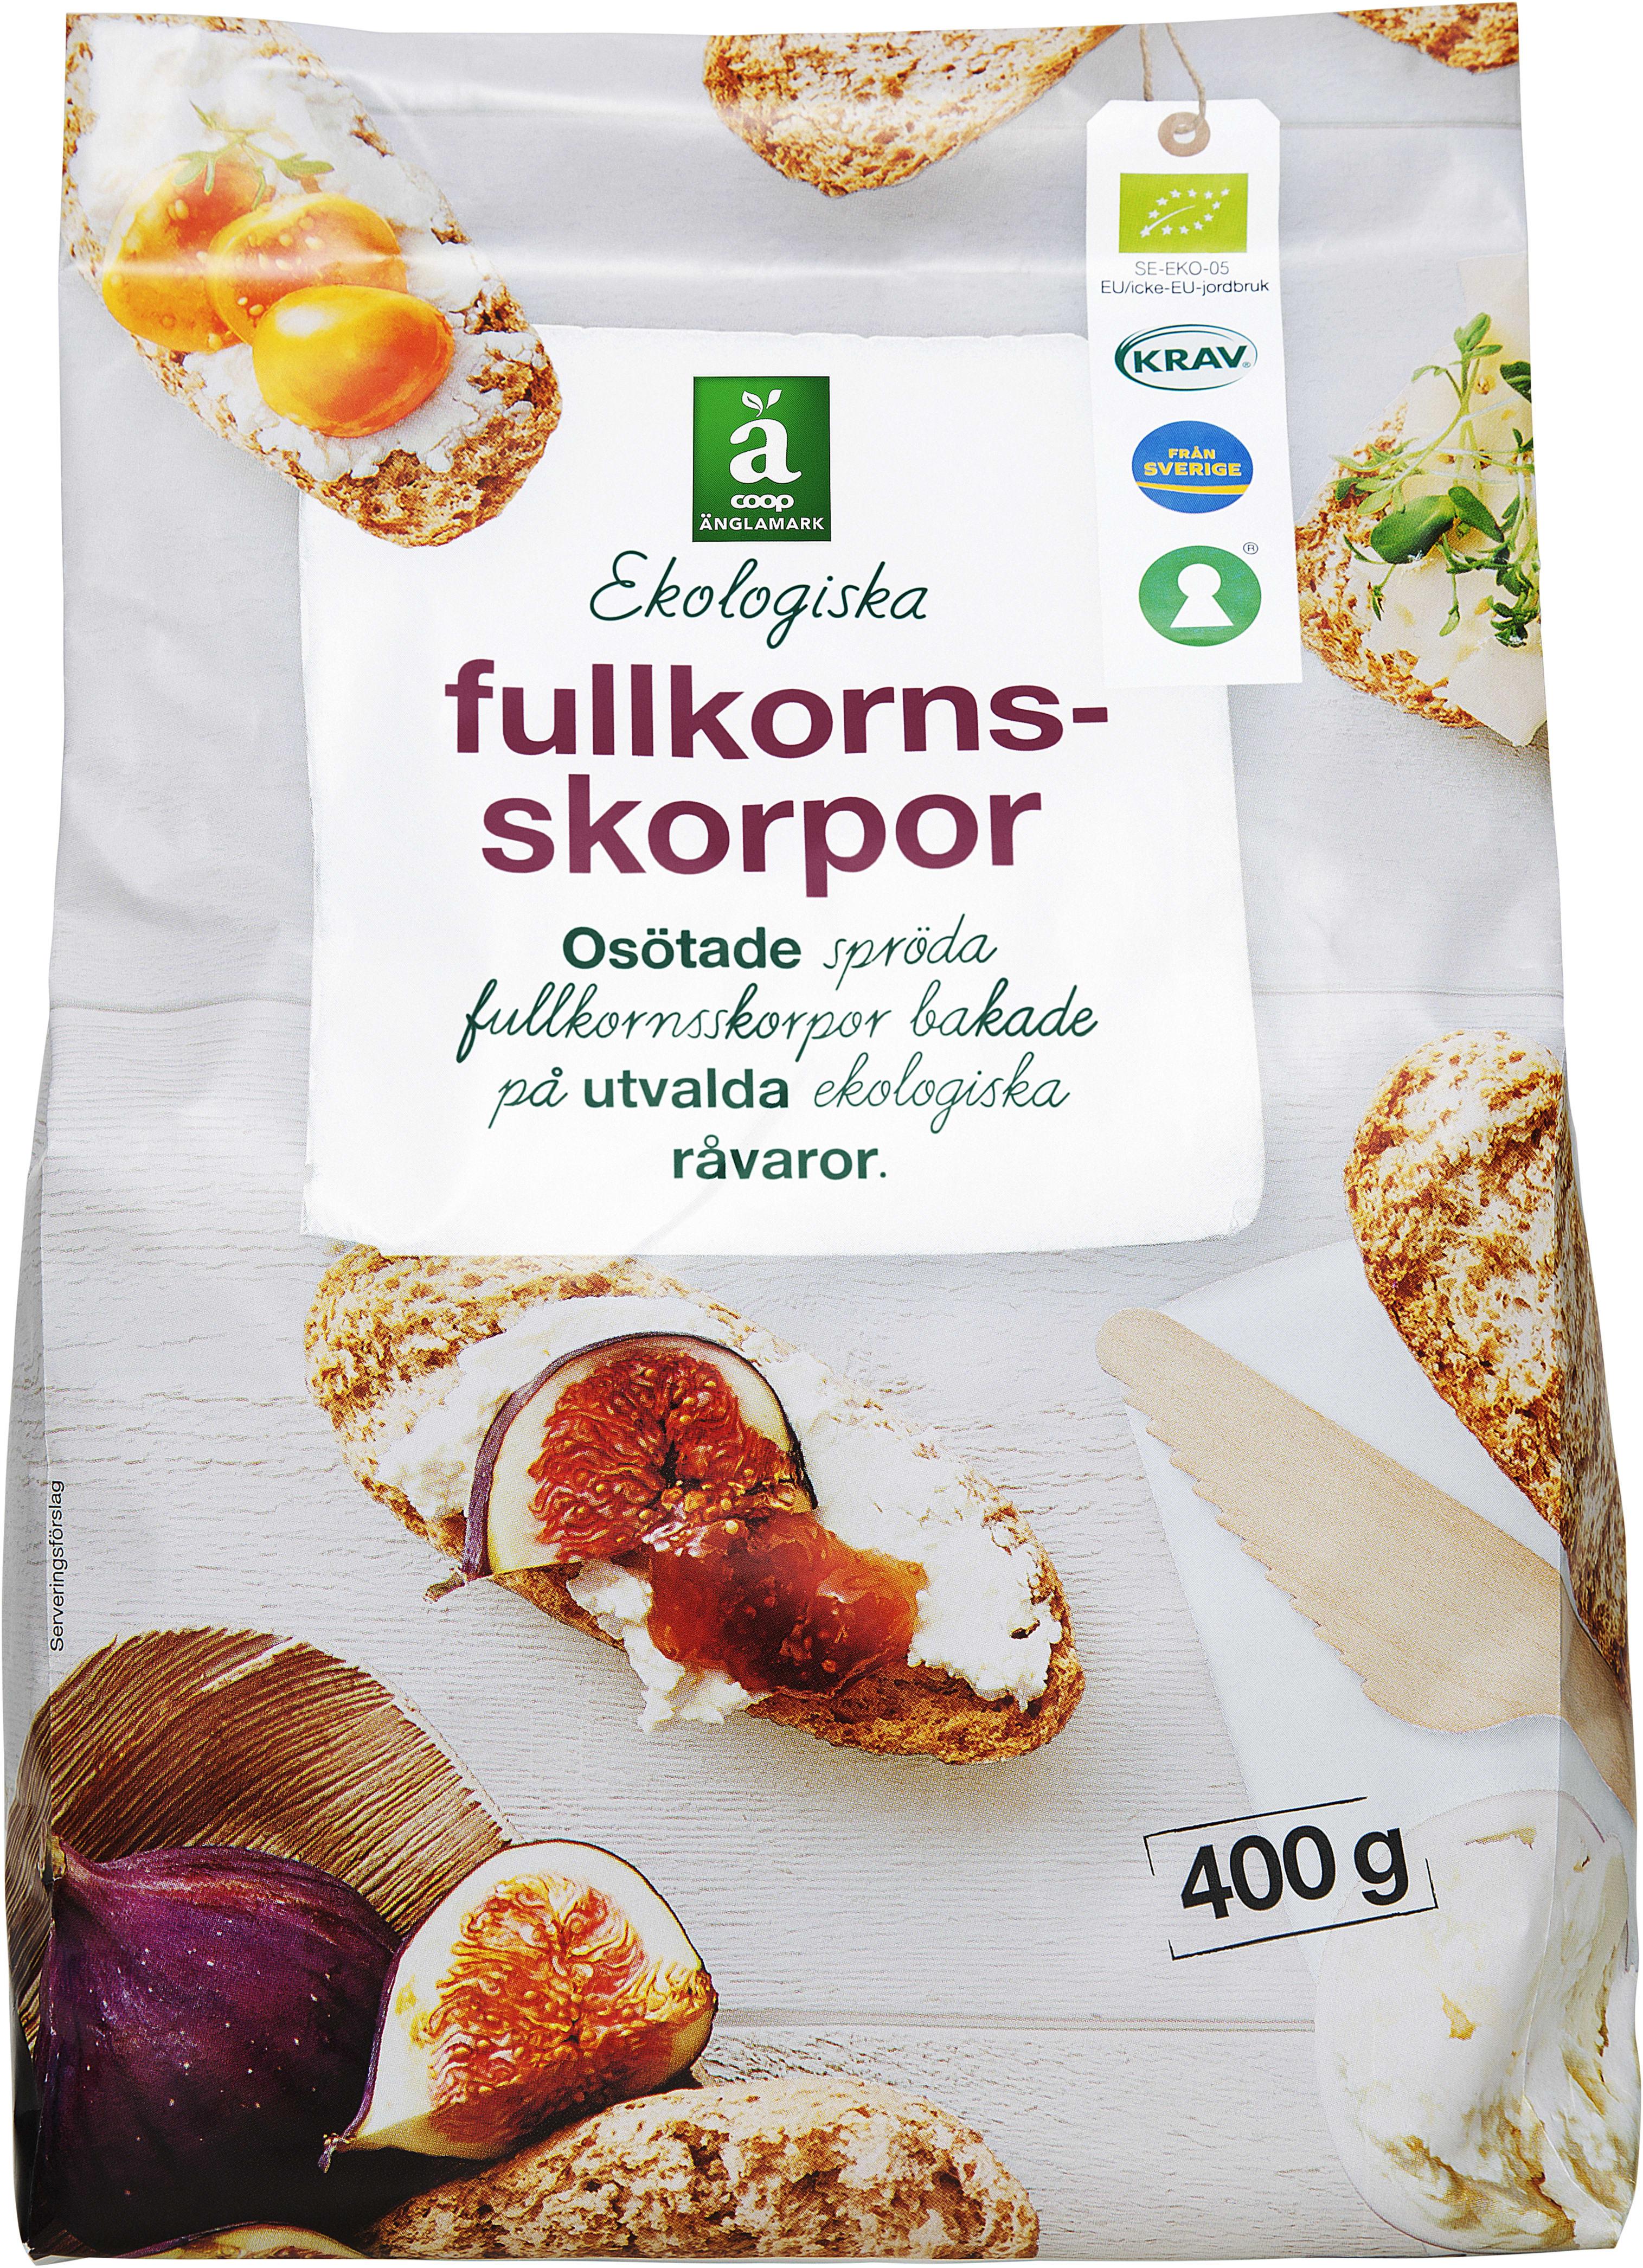 glutenfria skorpor ica